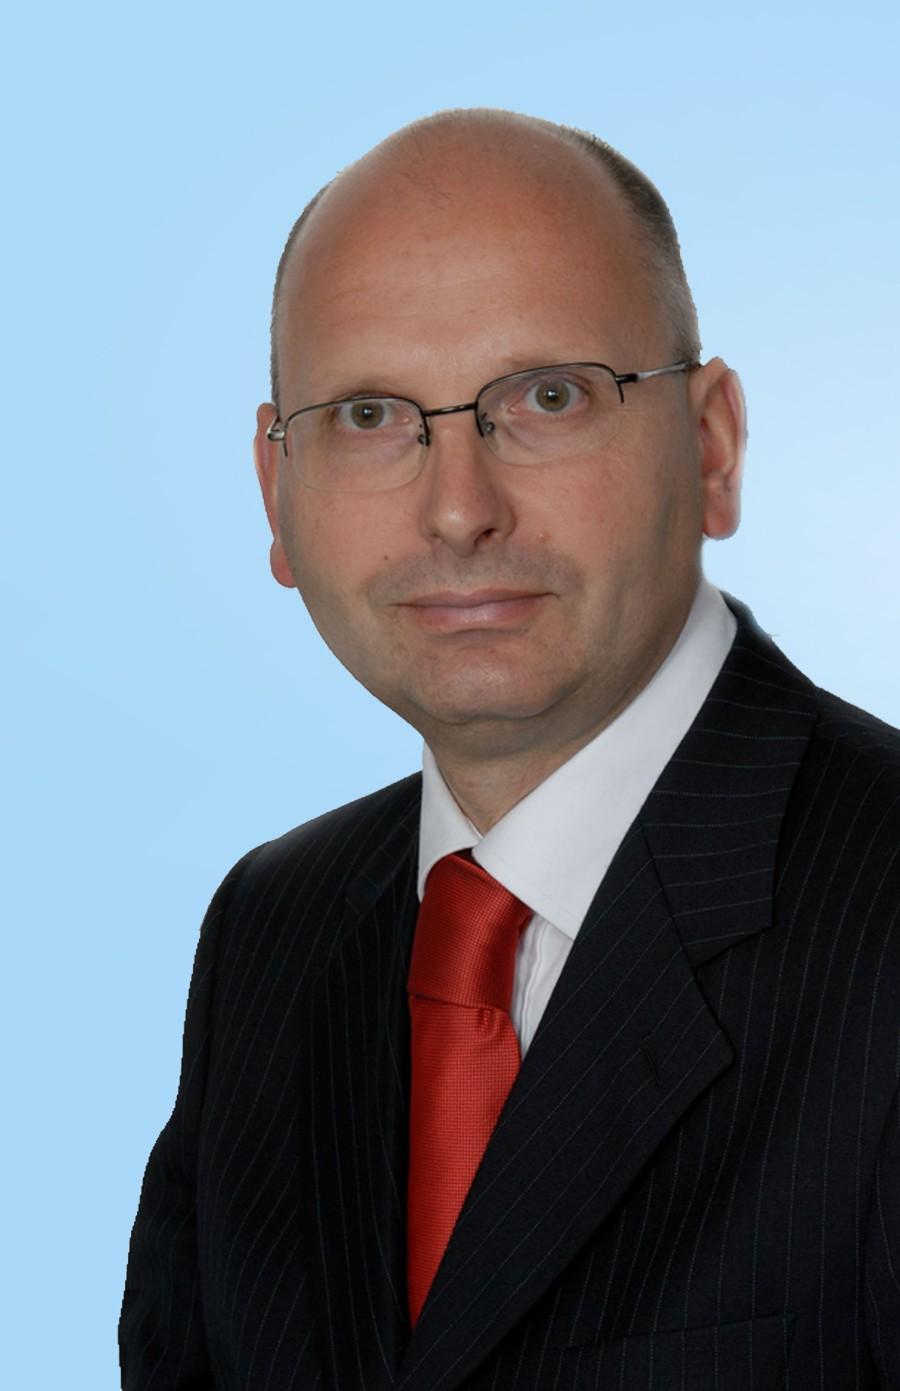 giorgio-civello1